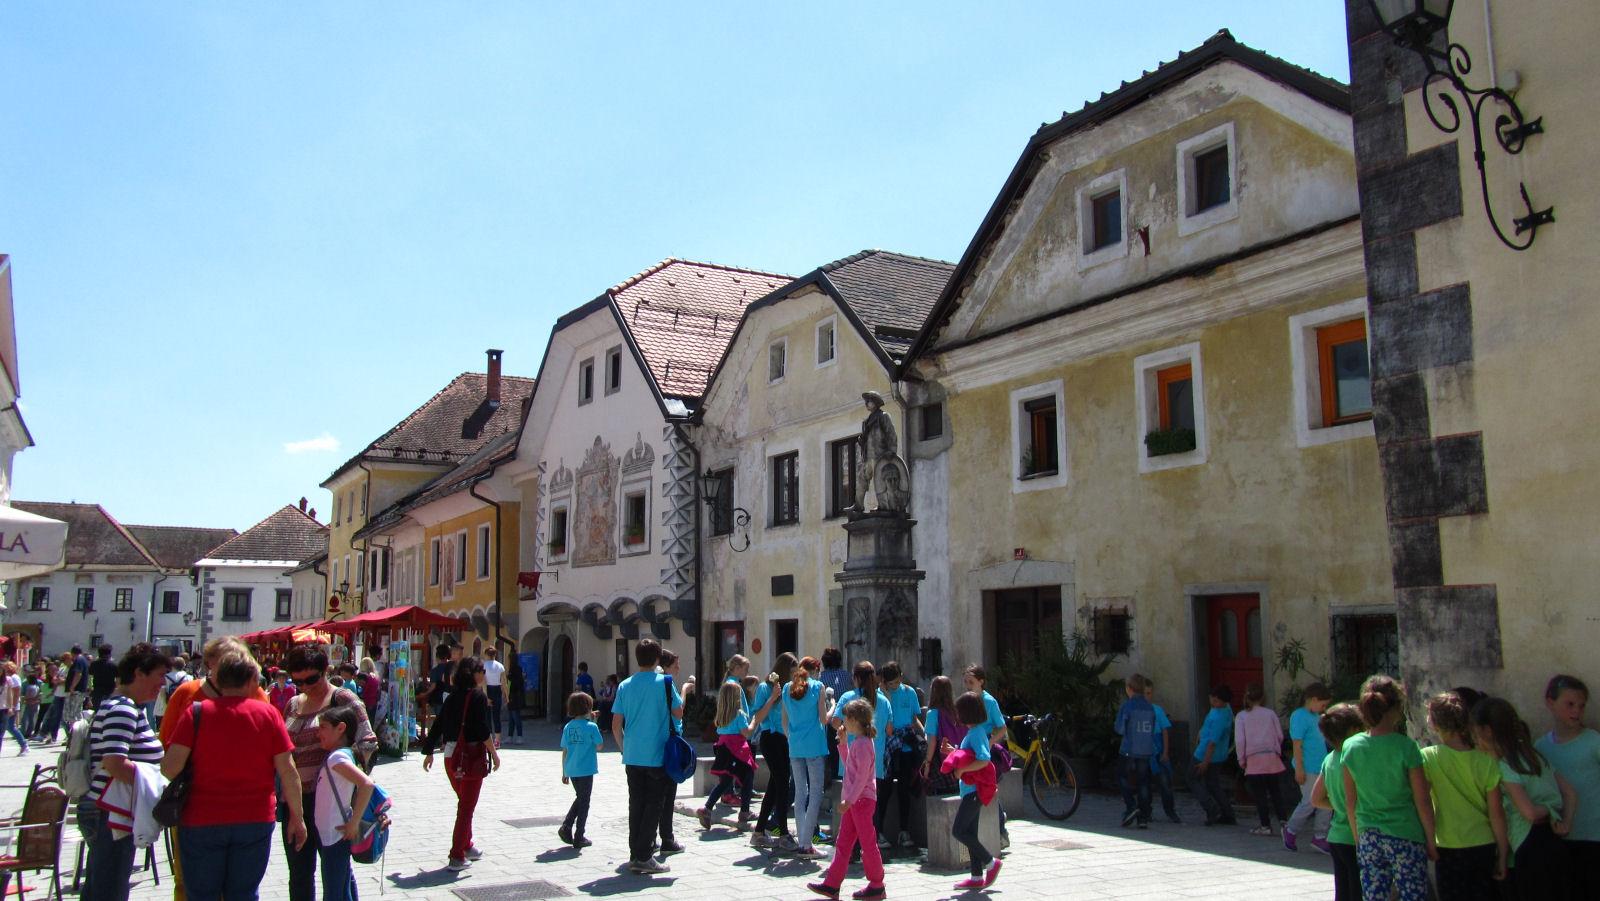 radovljica-medieval-old-town-8334